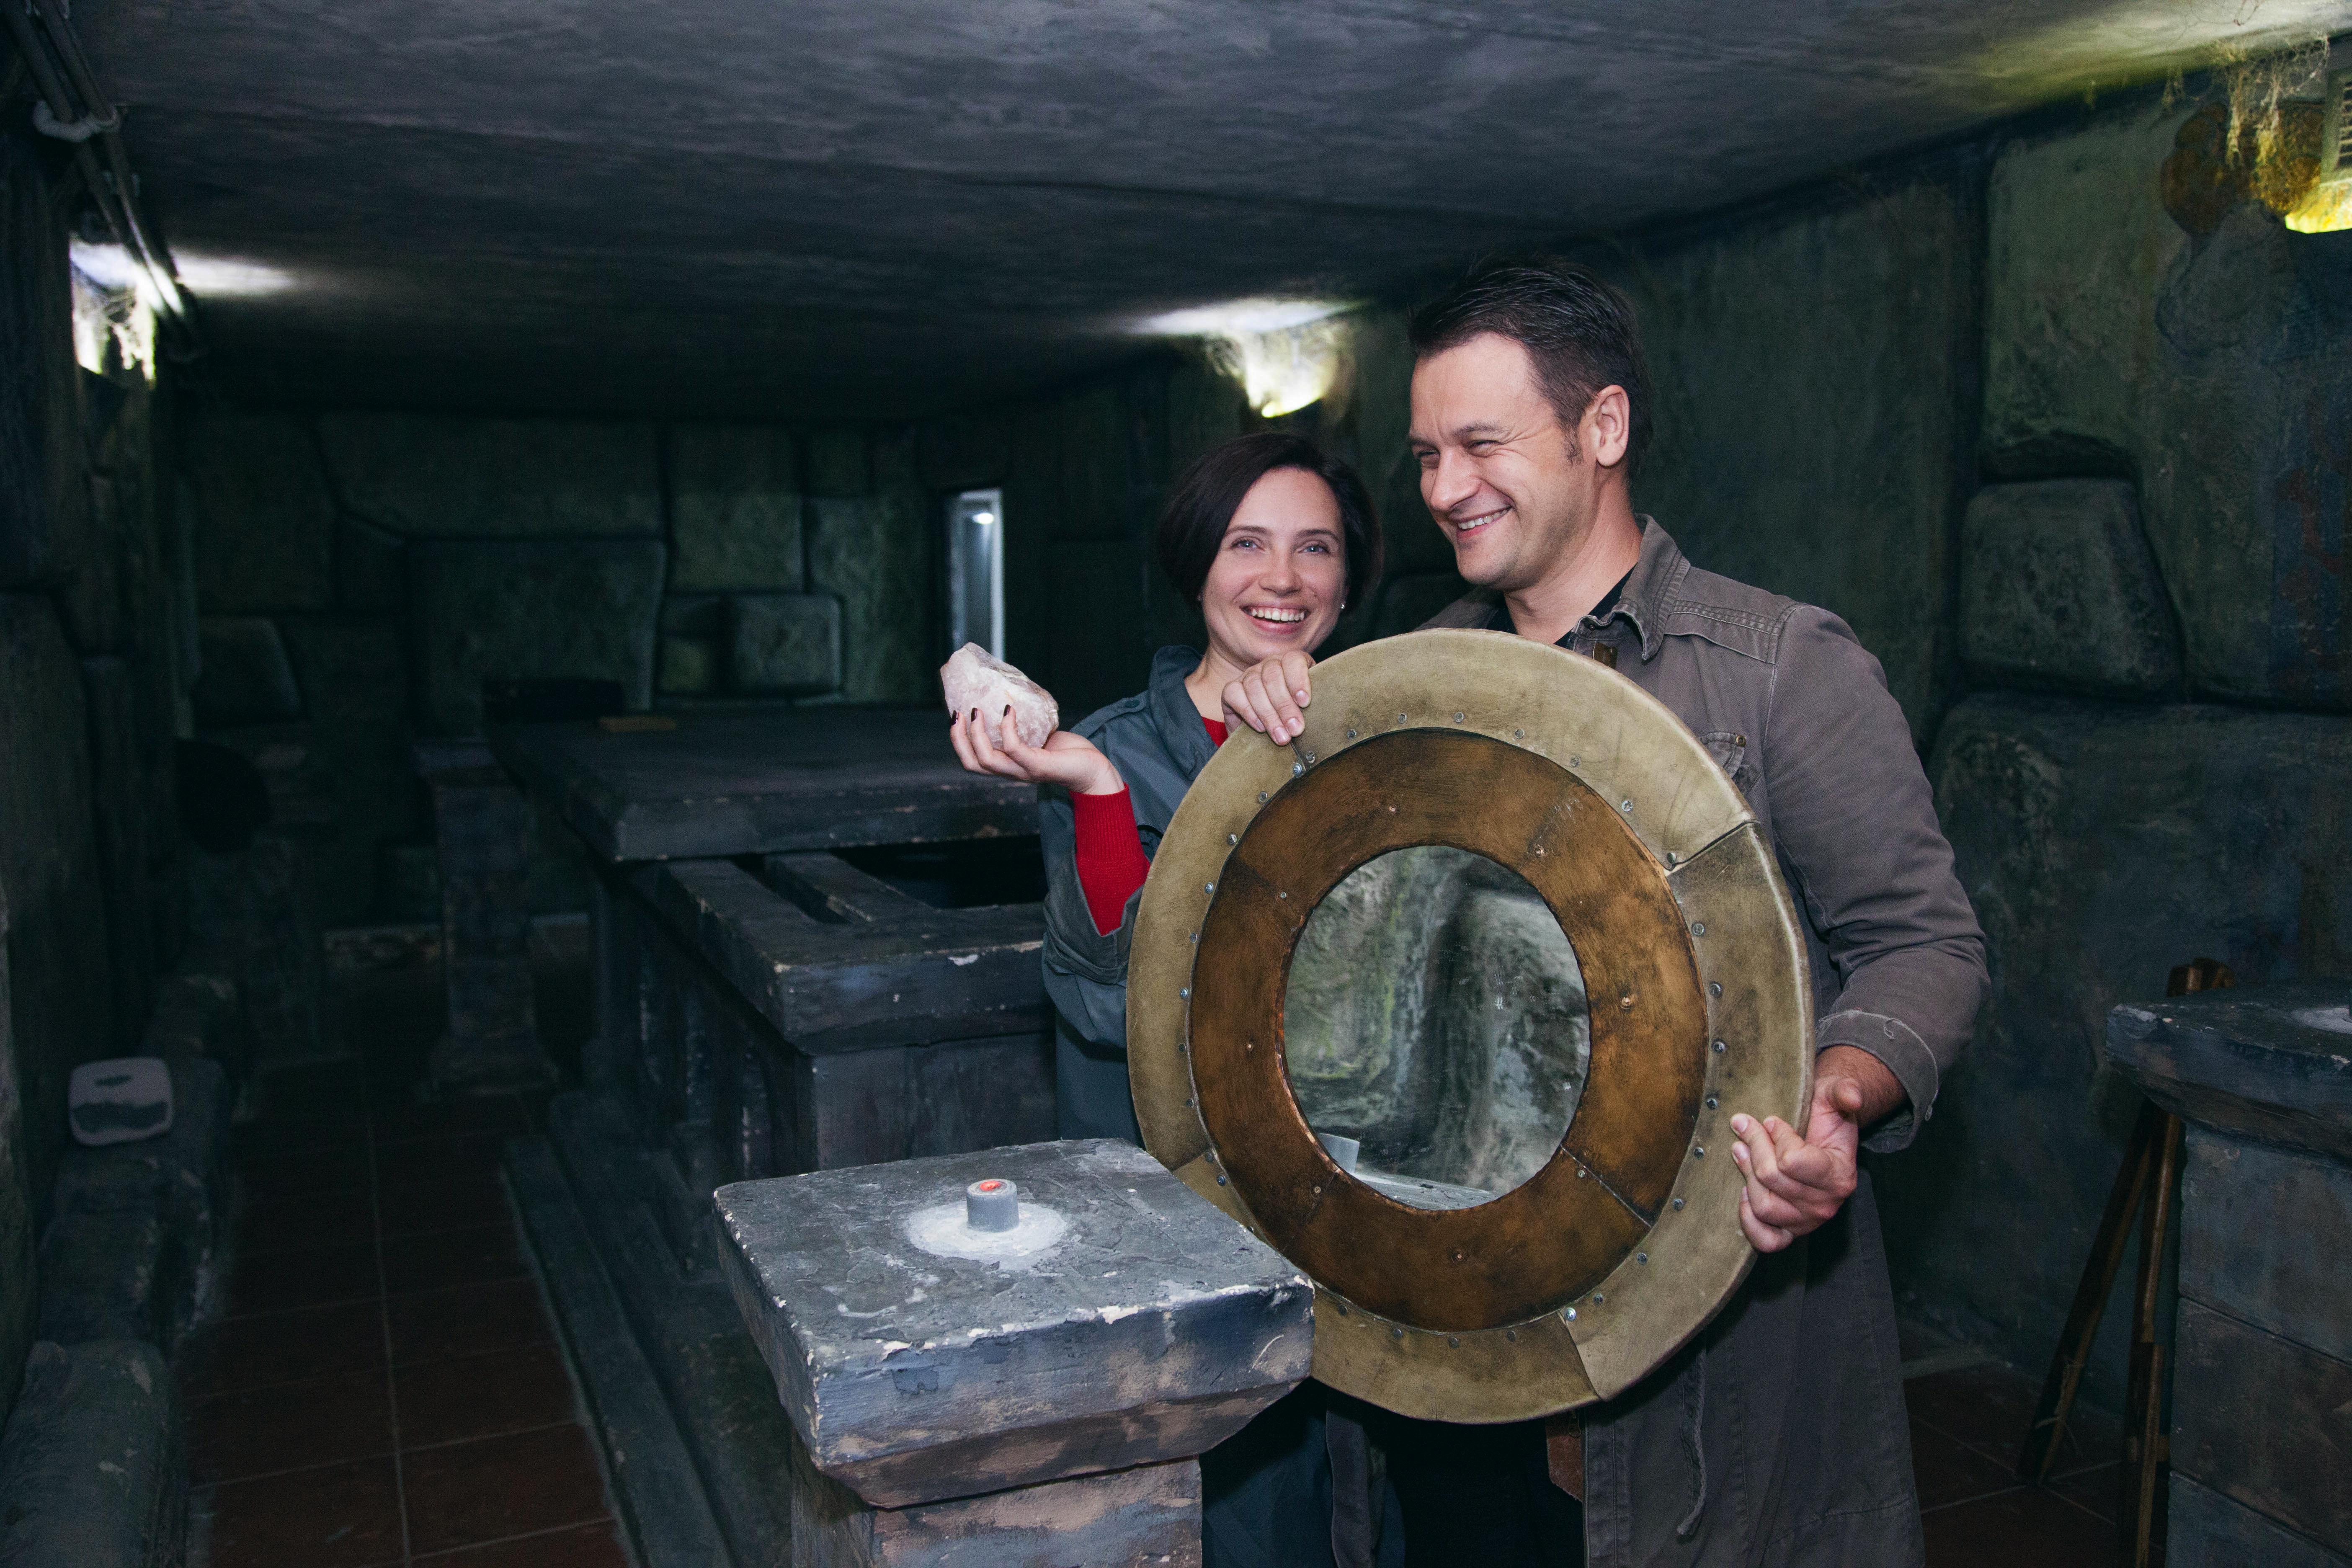 Романтический ужин в подземелье от сервиса романтики Альтечо (6)